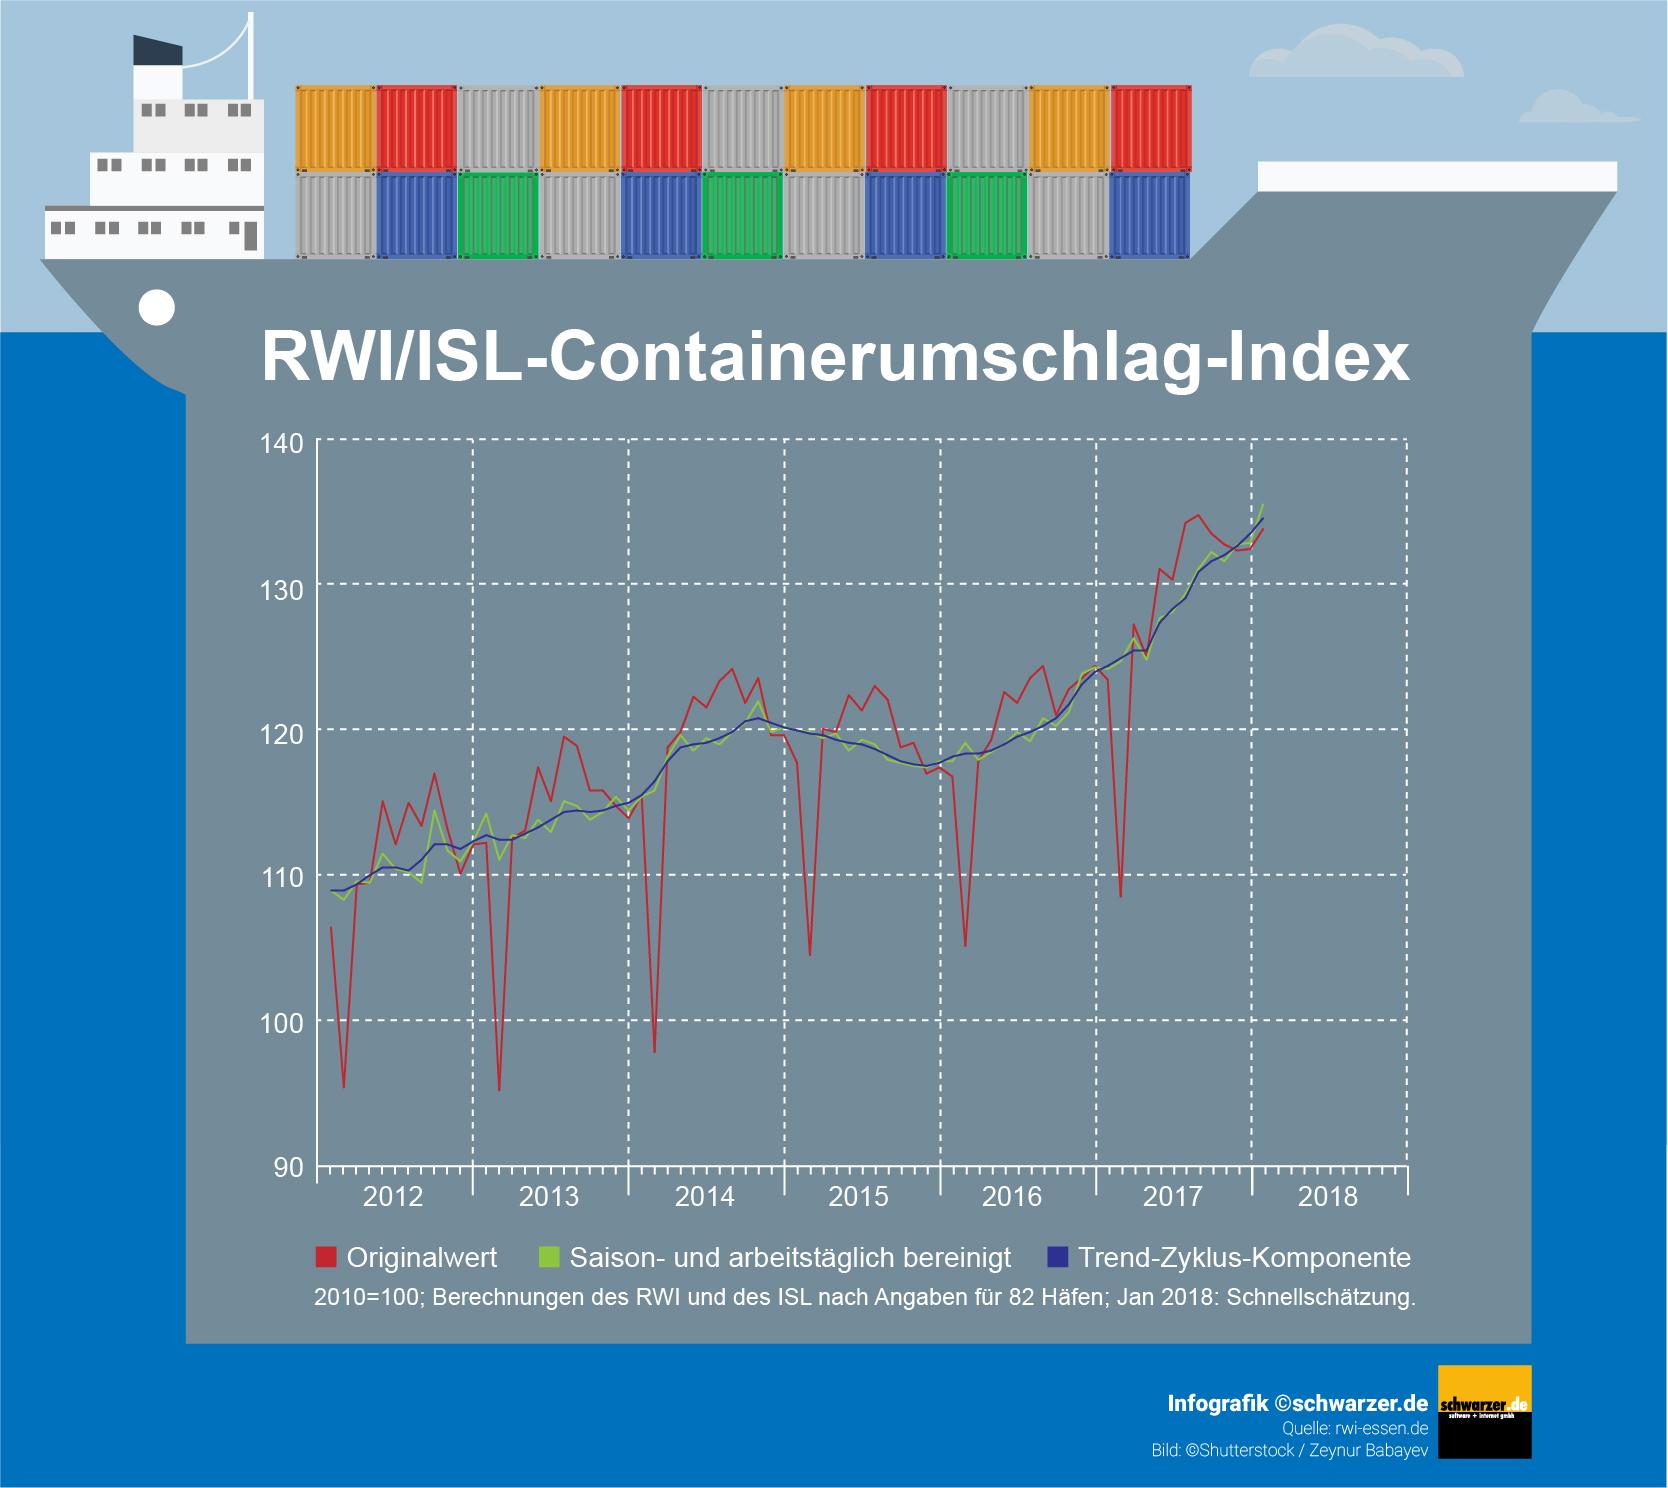 Infografik: Containerumschlags-Index im Monat Januar 2018 mit dem höchsten Zuwachs der Index-Geschichte.